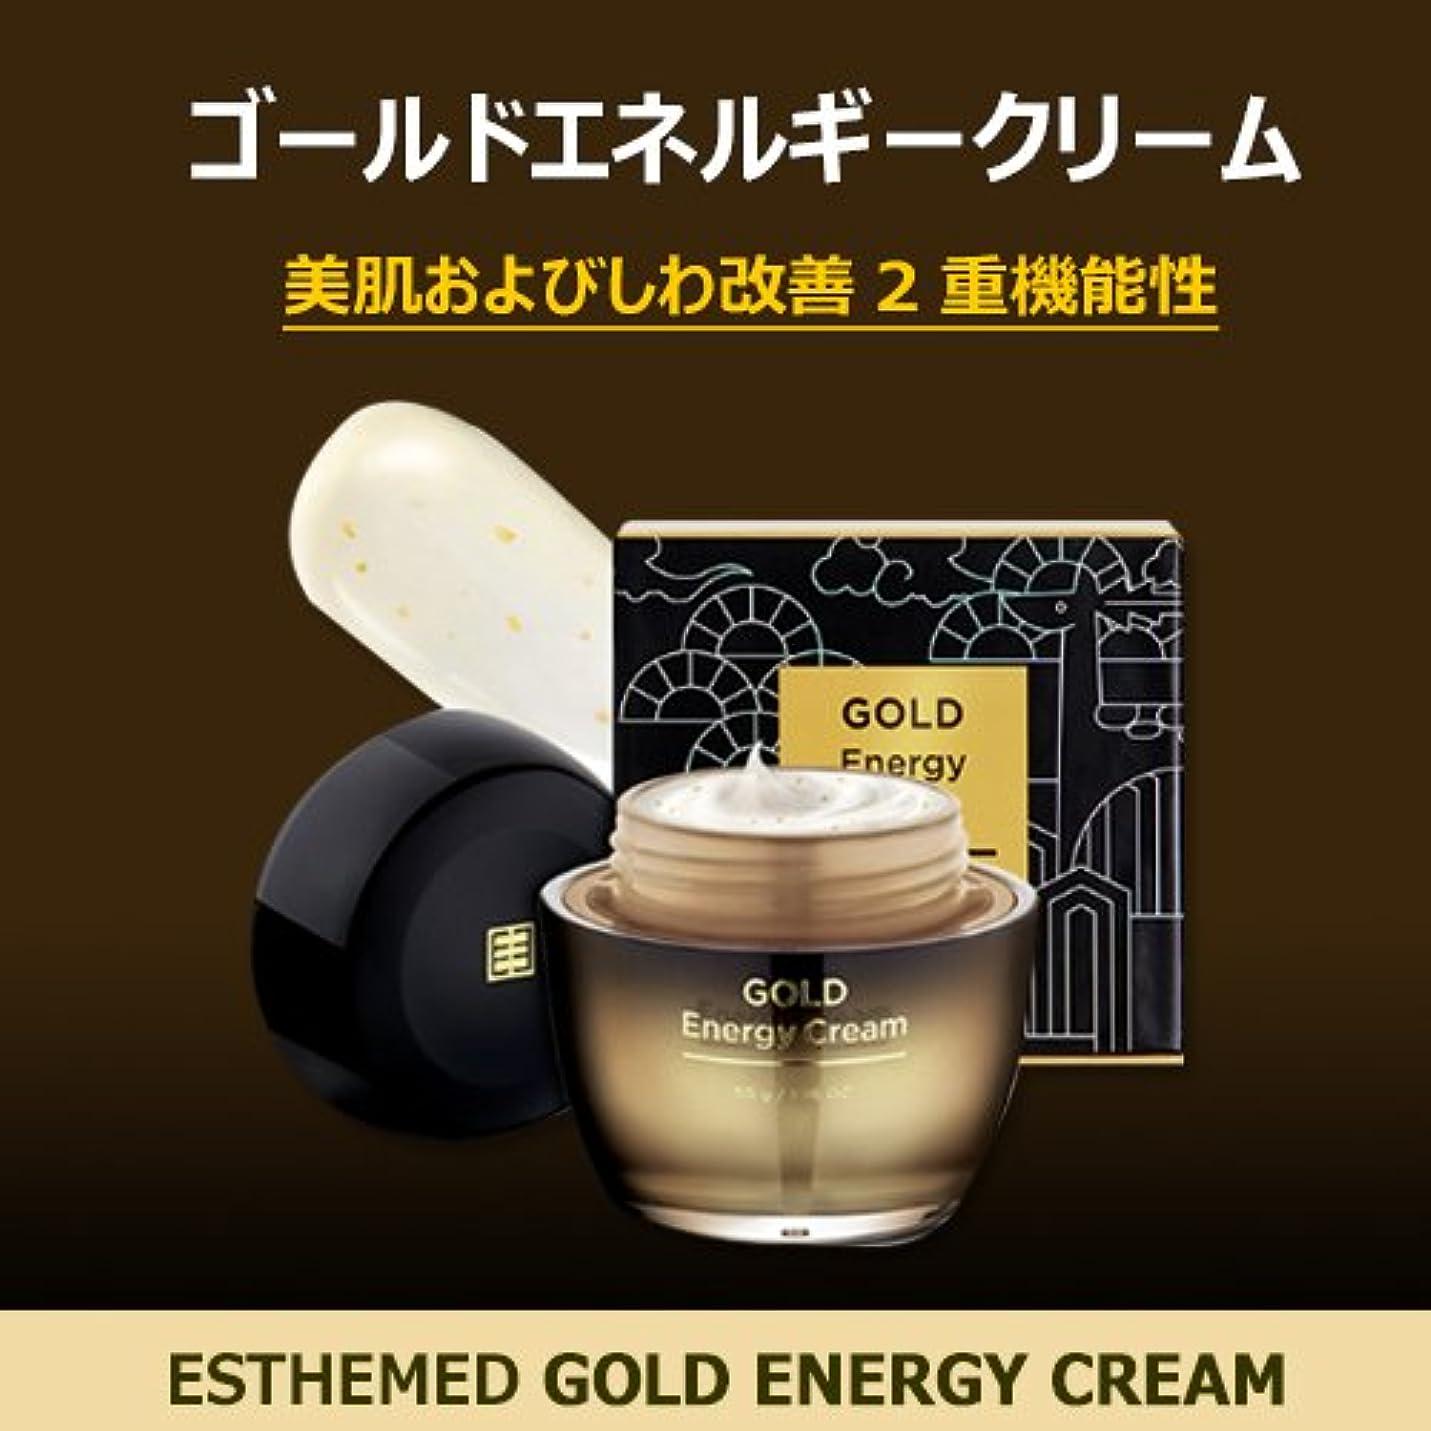 容器そこからブローホールESTHEMED エステメド ゴールド エネルギー クリーム GOLD Energy Cream 50g 【 シワ改善 美肌 保湿 回復 韓国コスメ 】